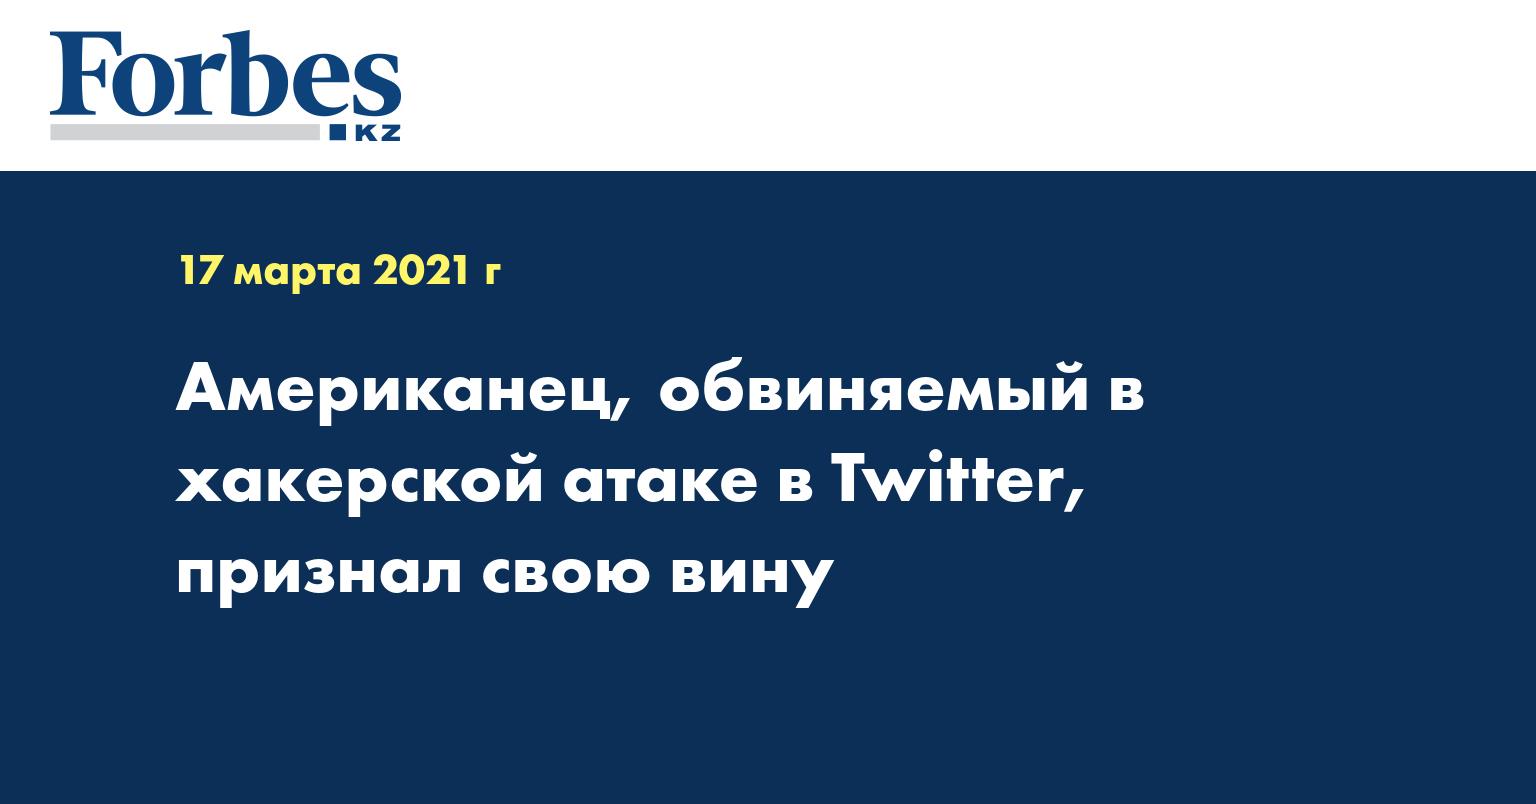 Американец, обвиняемый в хакерской атаке в Twitter, признал свою вину